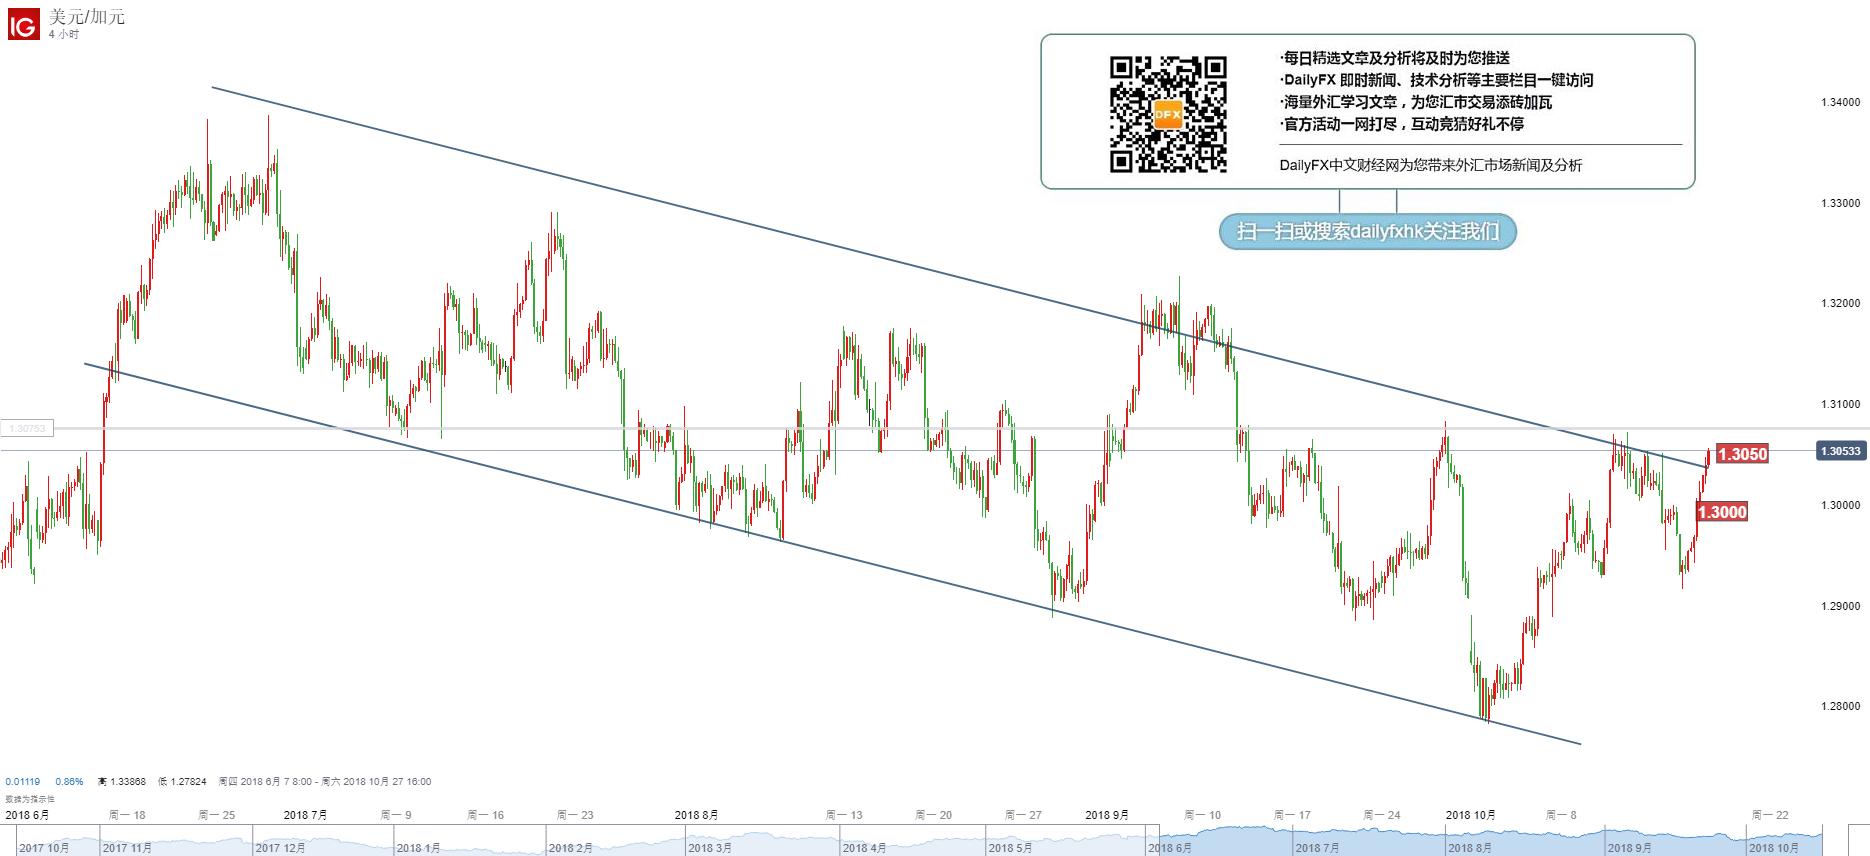 美元/加元技術分析:走勢逆轉,關注1.3050-80阻力